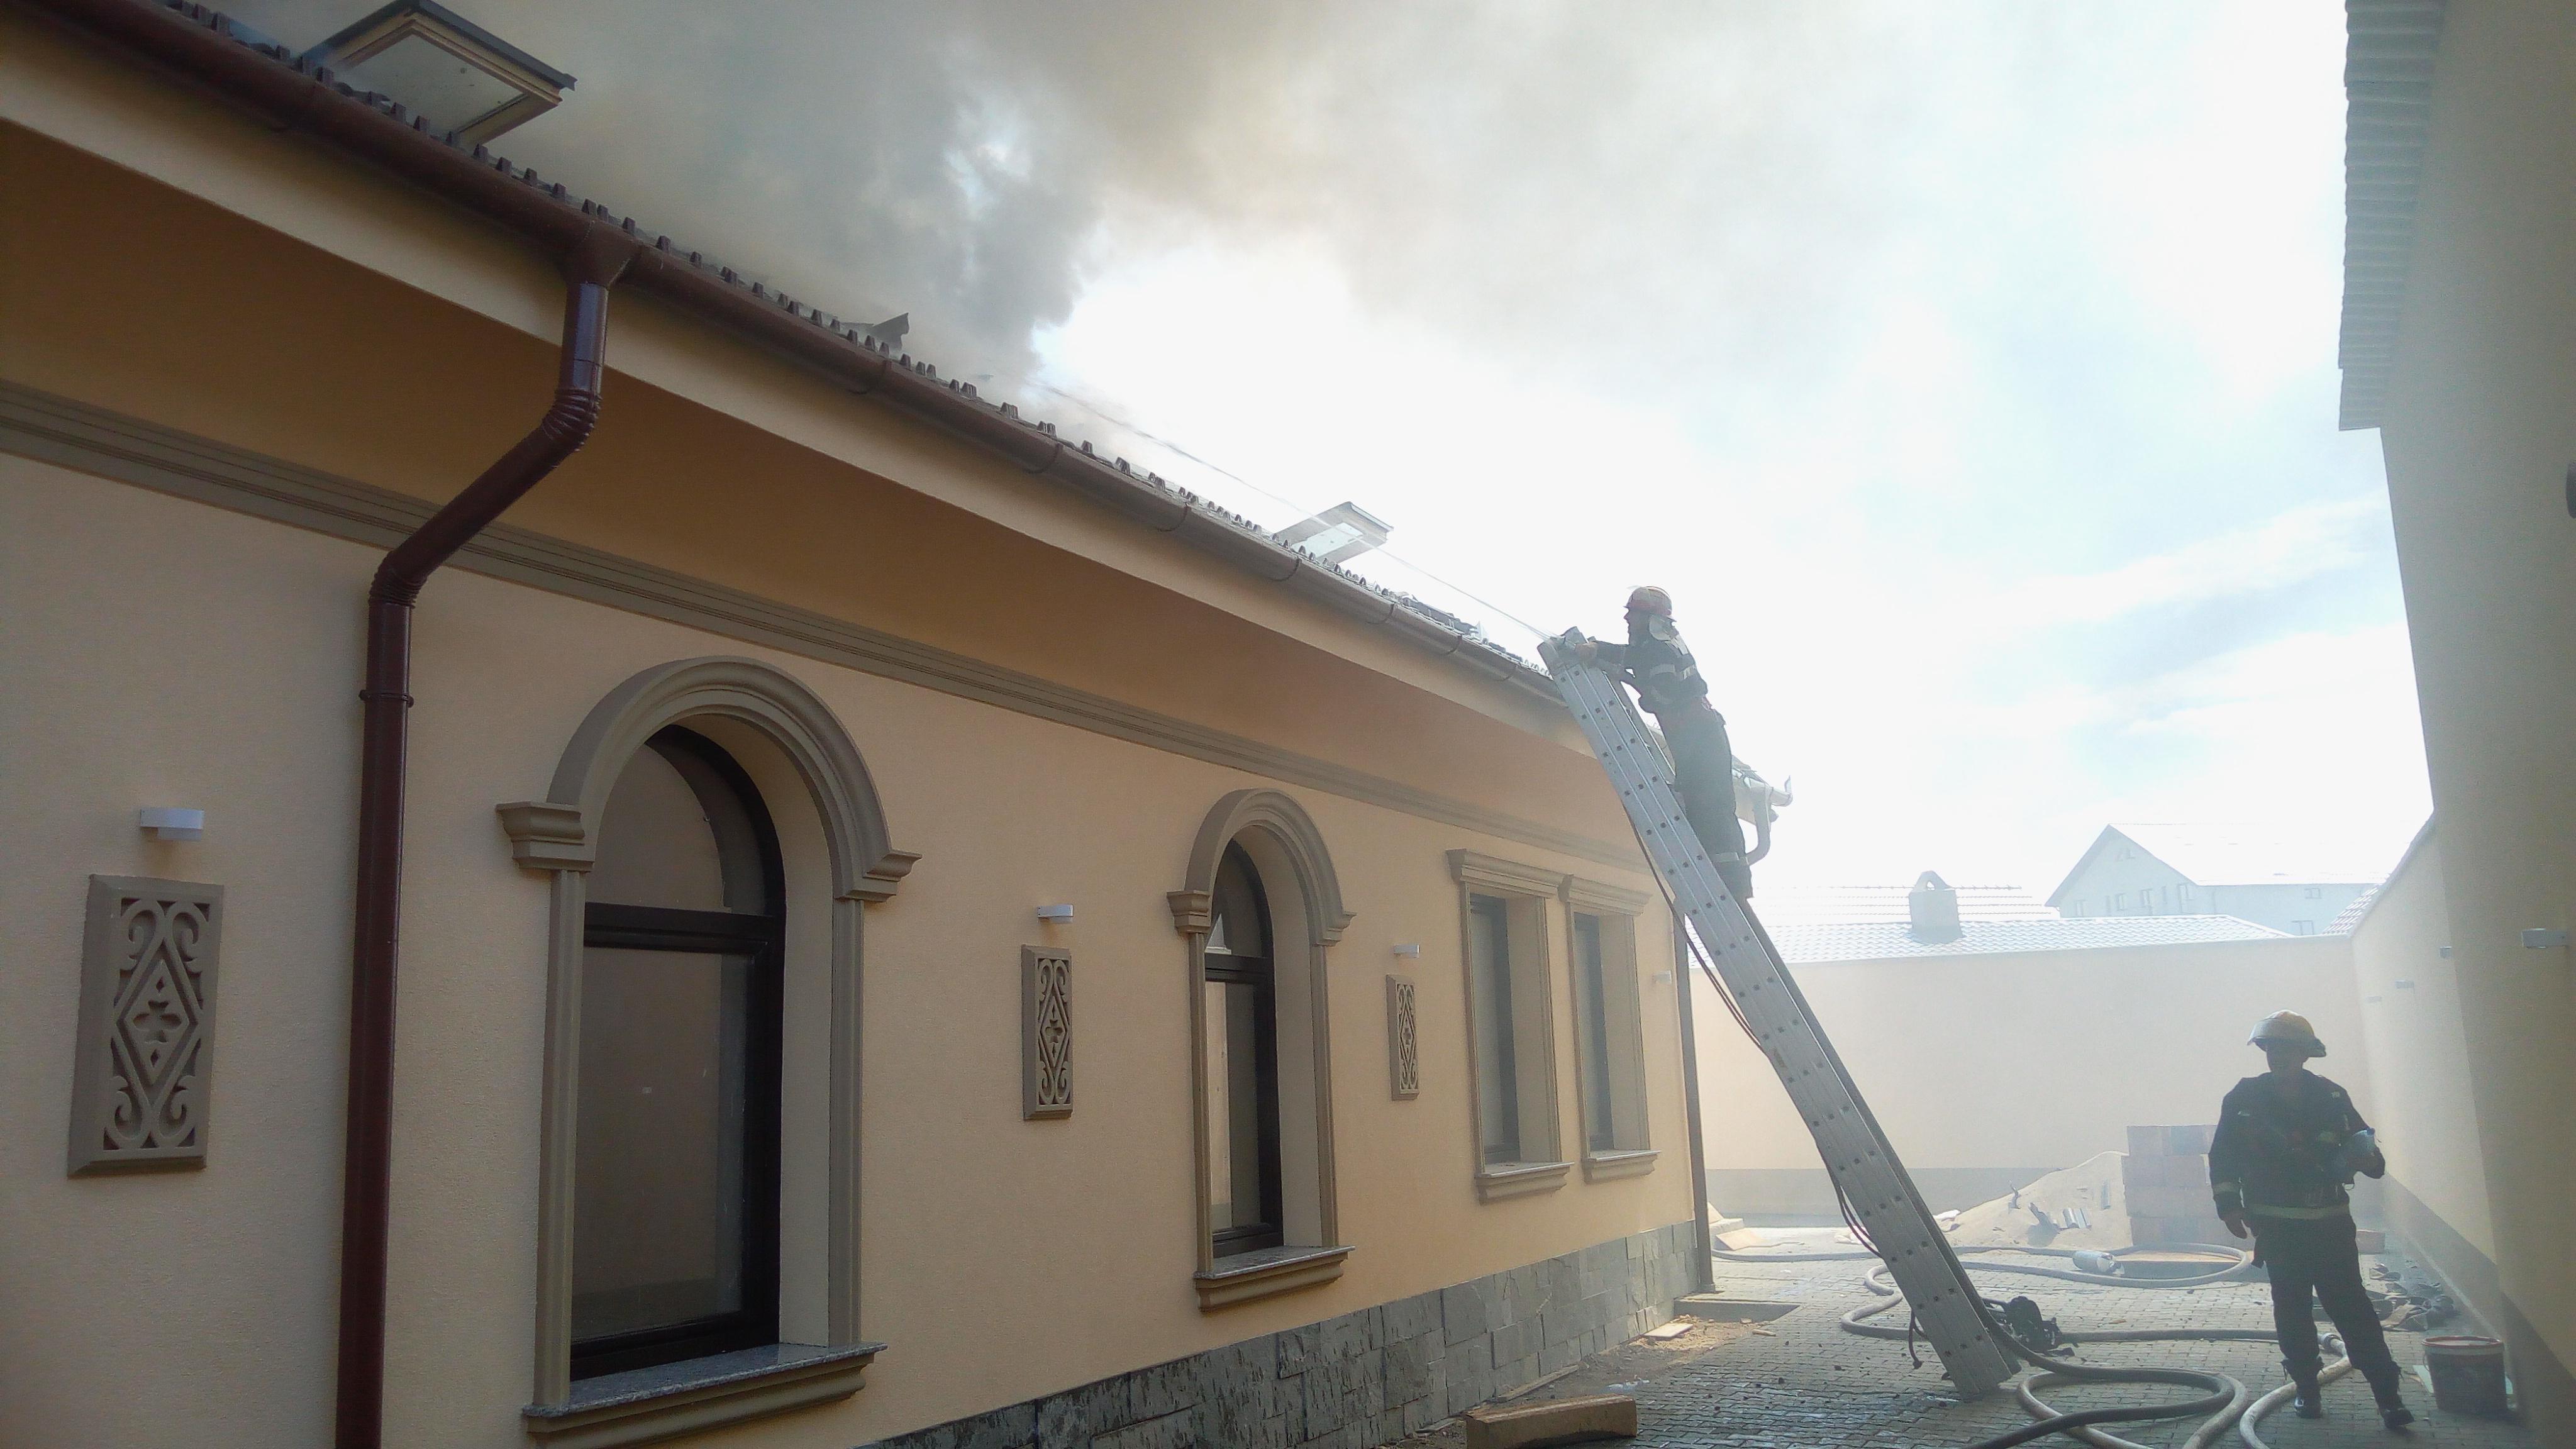 FOTO, VIDEO | Incendiu puternic la o casă funerară din Arad